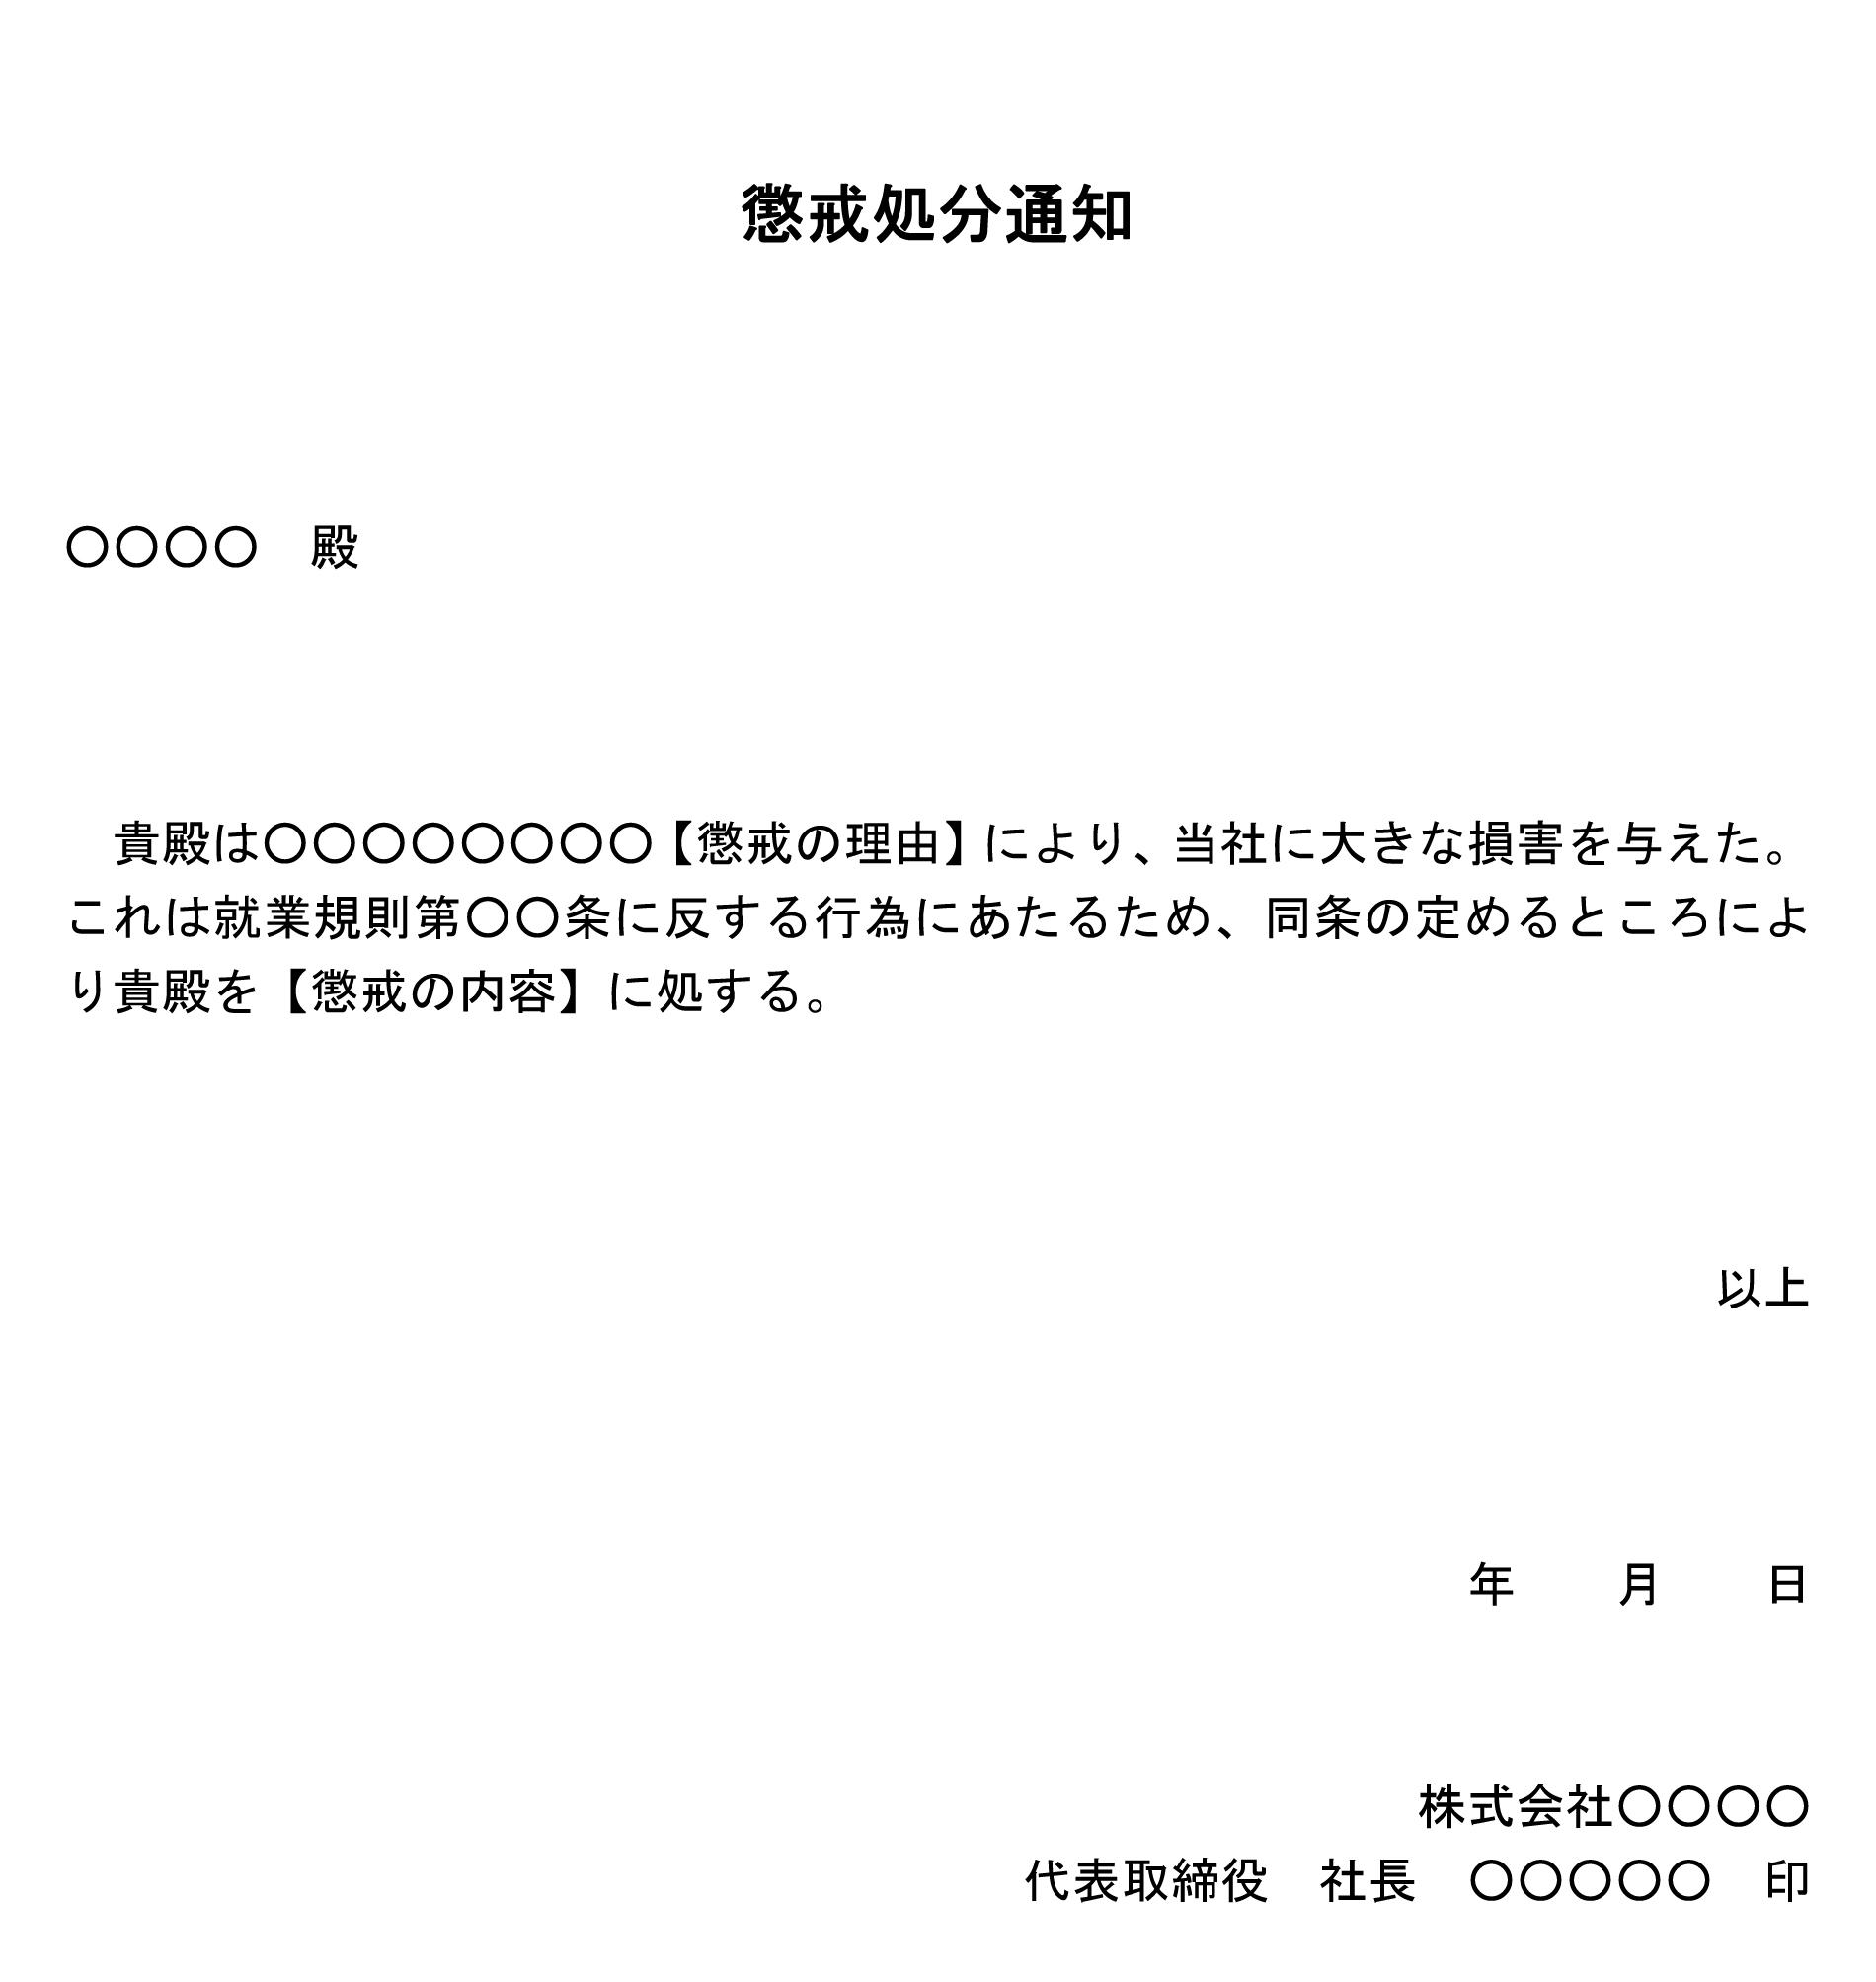 懲戒処分通知04